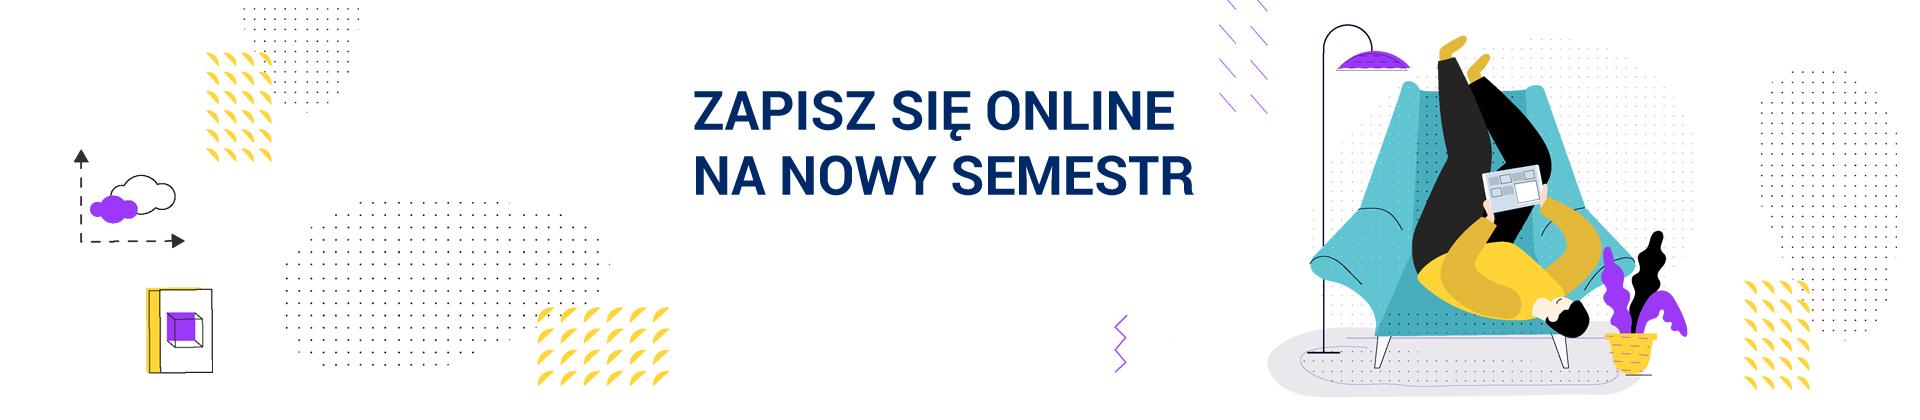 zapisz sie online na nowy semestr